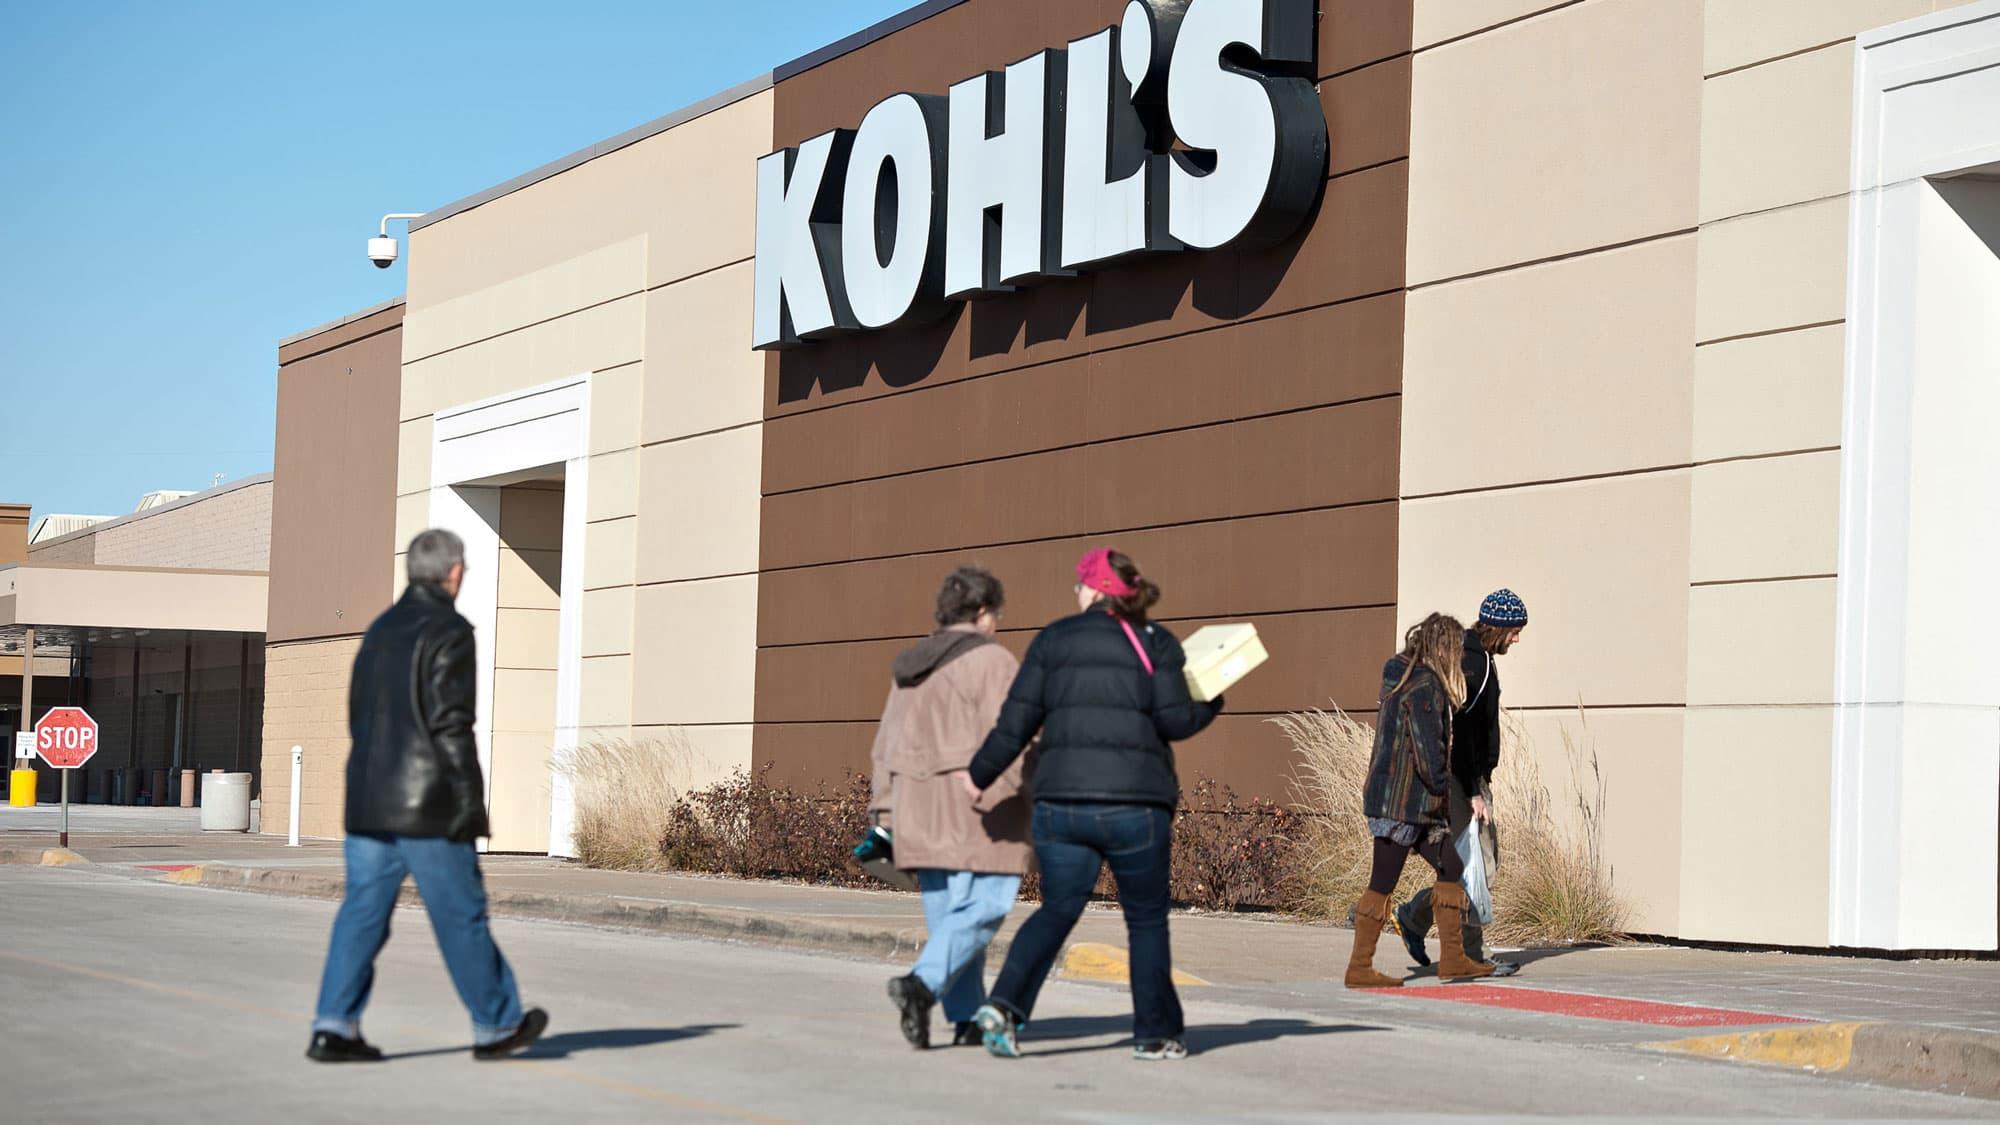 Kohl's shares tank on dismal holiday